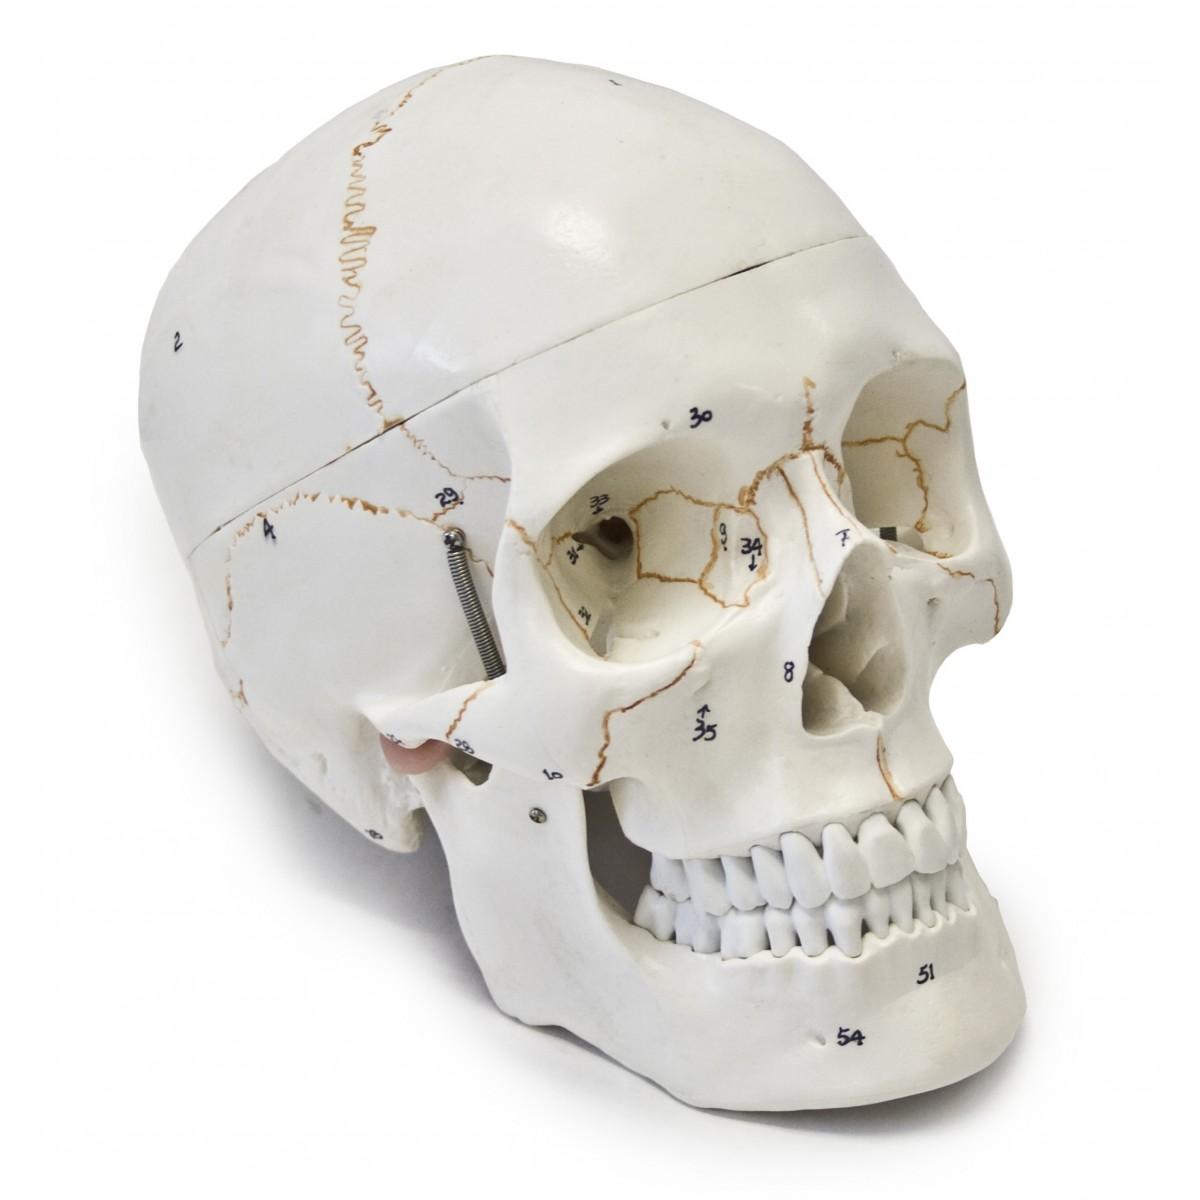 Walter Numbered Human Skull - 3 Parts - Skulls - Skeletal System ...